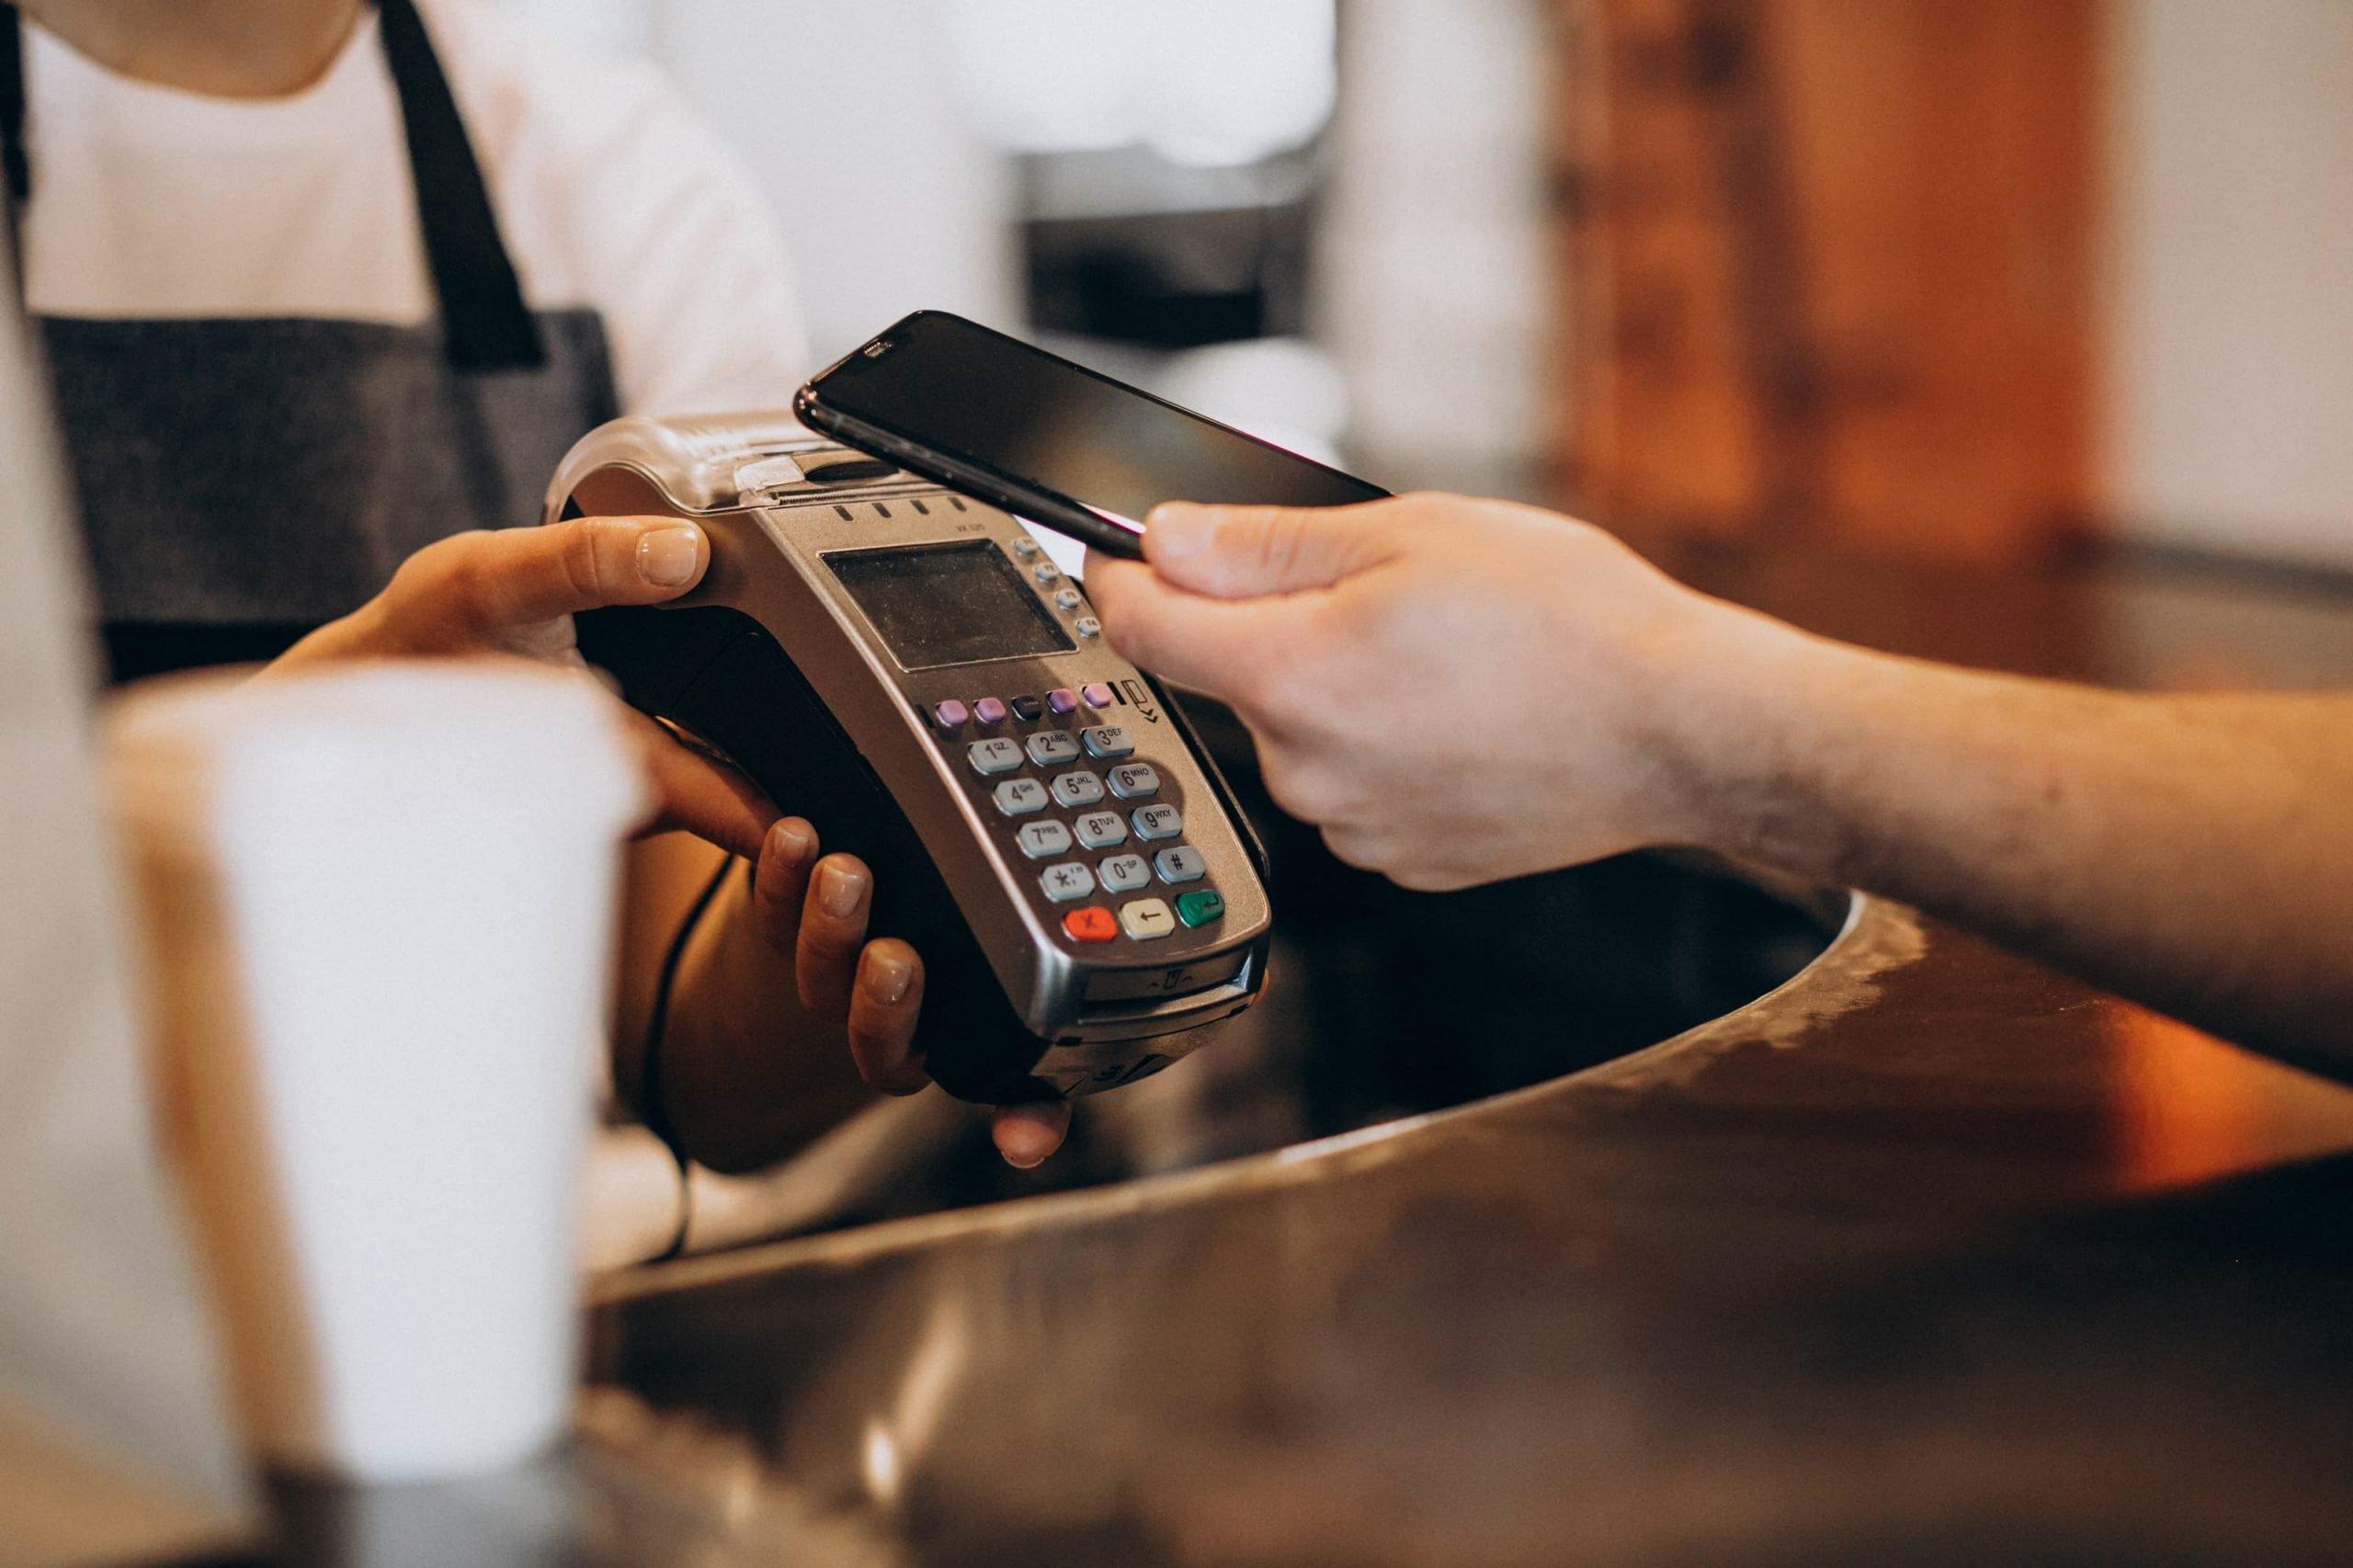 Homem paga com o celular na maquina de cartão